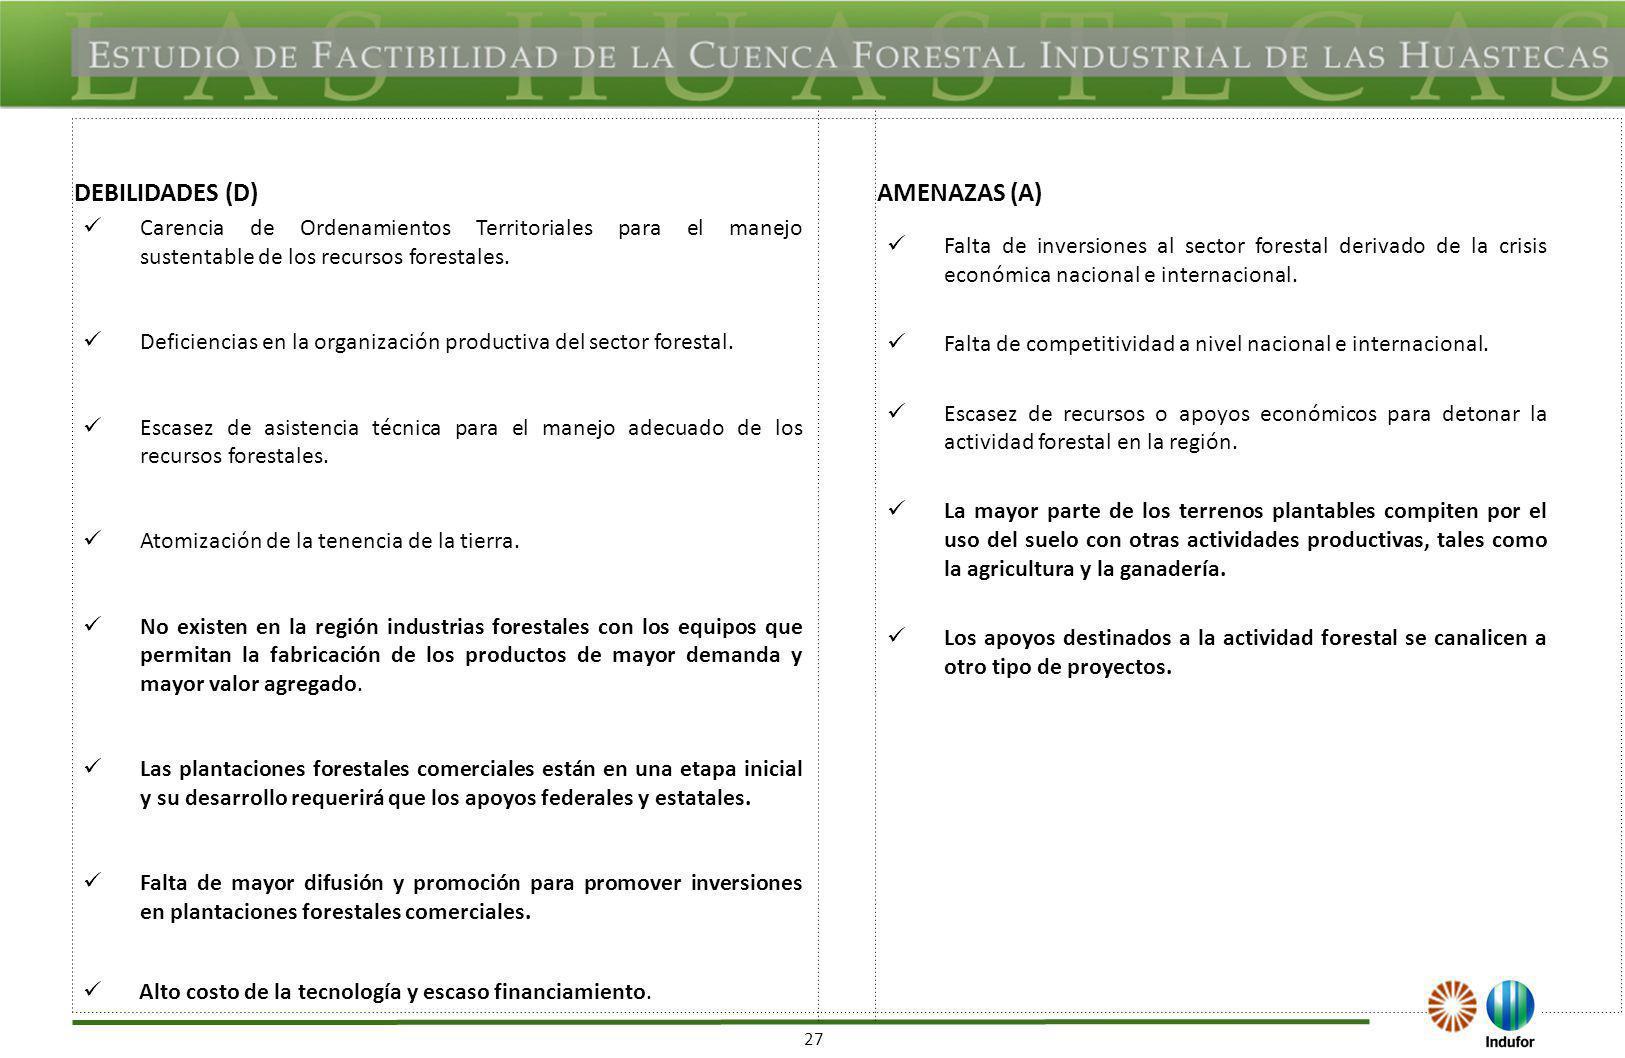 27 DEBILIDADES (D)AMENAZAS (A) Carencia de Ordenamientos Territoriales para el manejo sustentable de los recursos forestales. Deficiencias en la organ